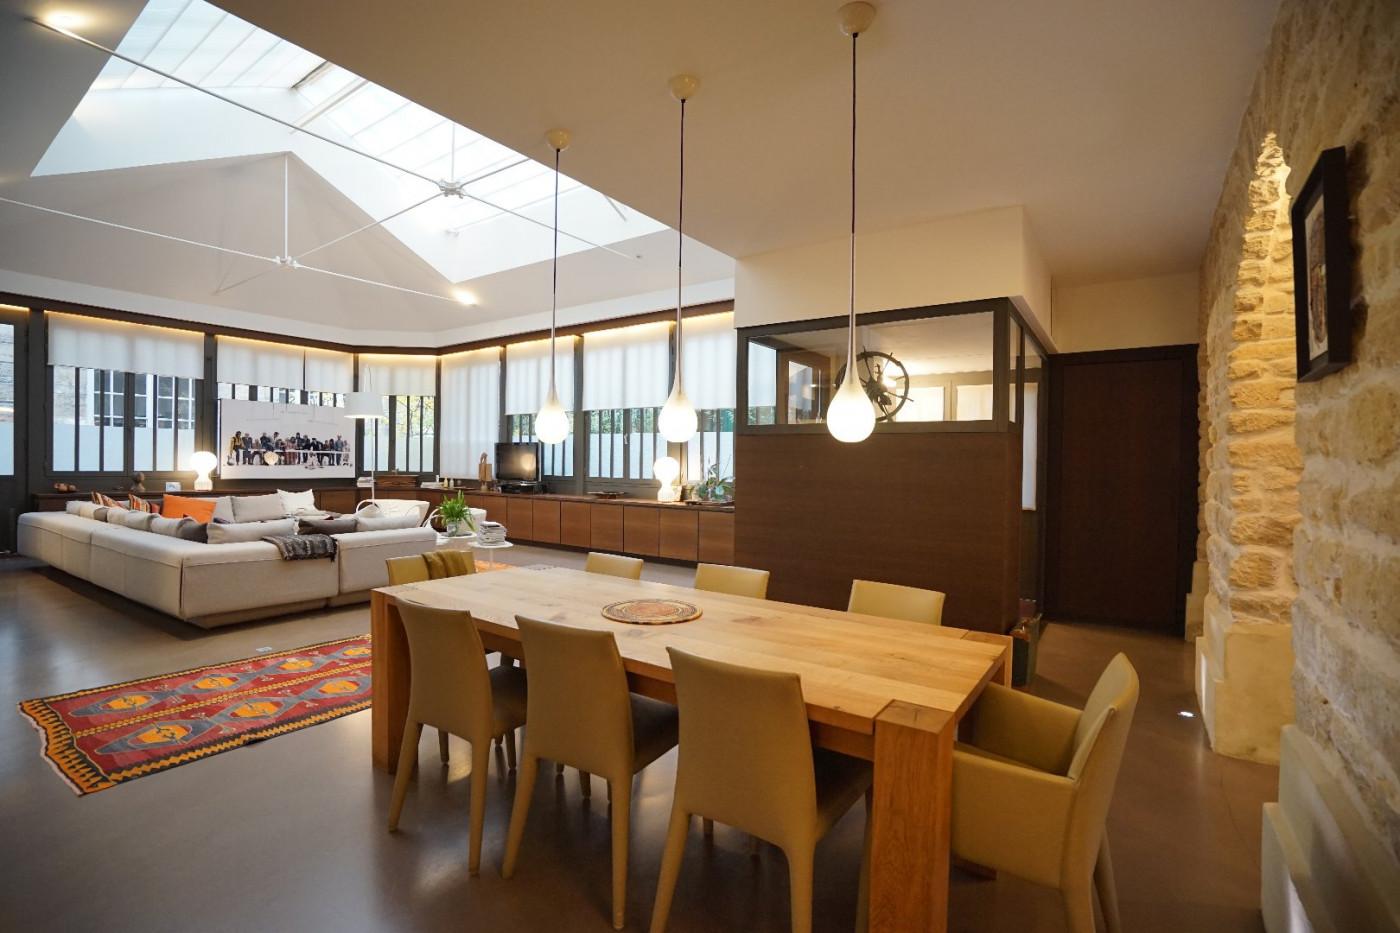 A vendre  Paris 5eme Arrondissement | Réf 51001273 - D-ker immo